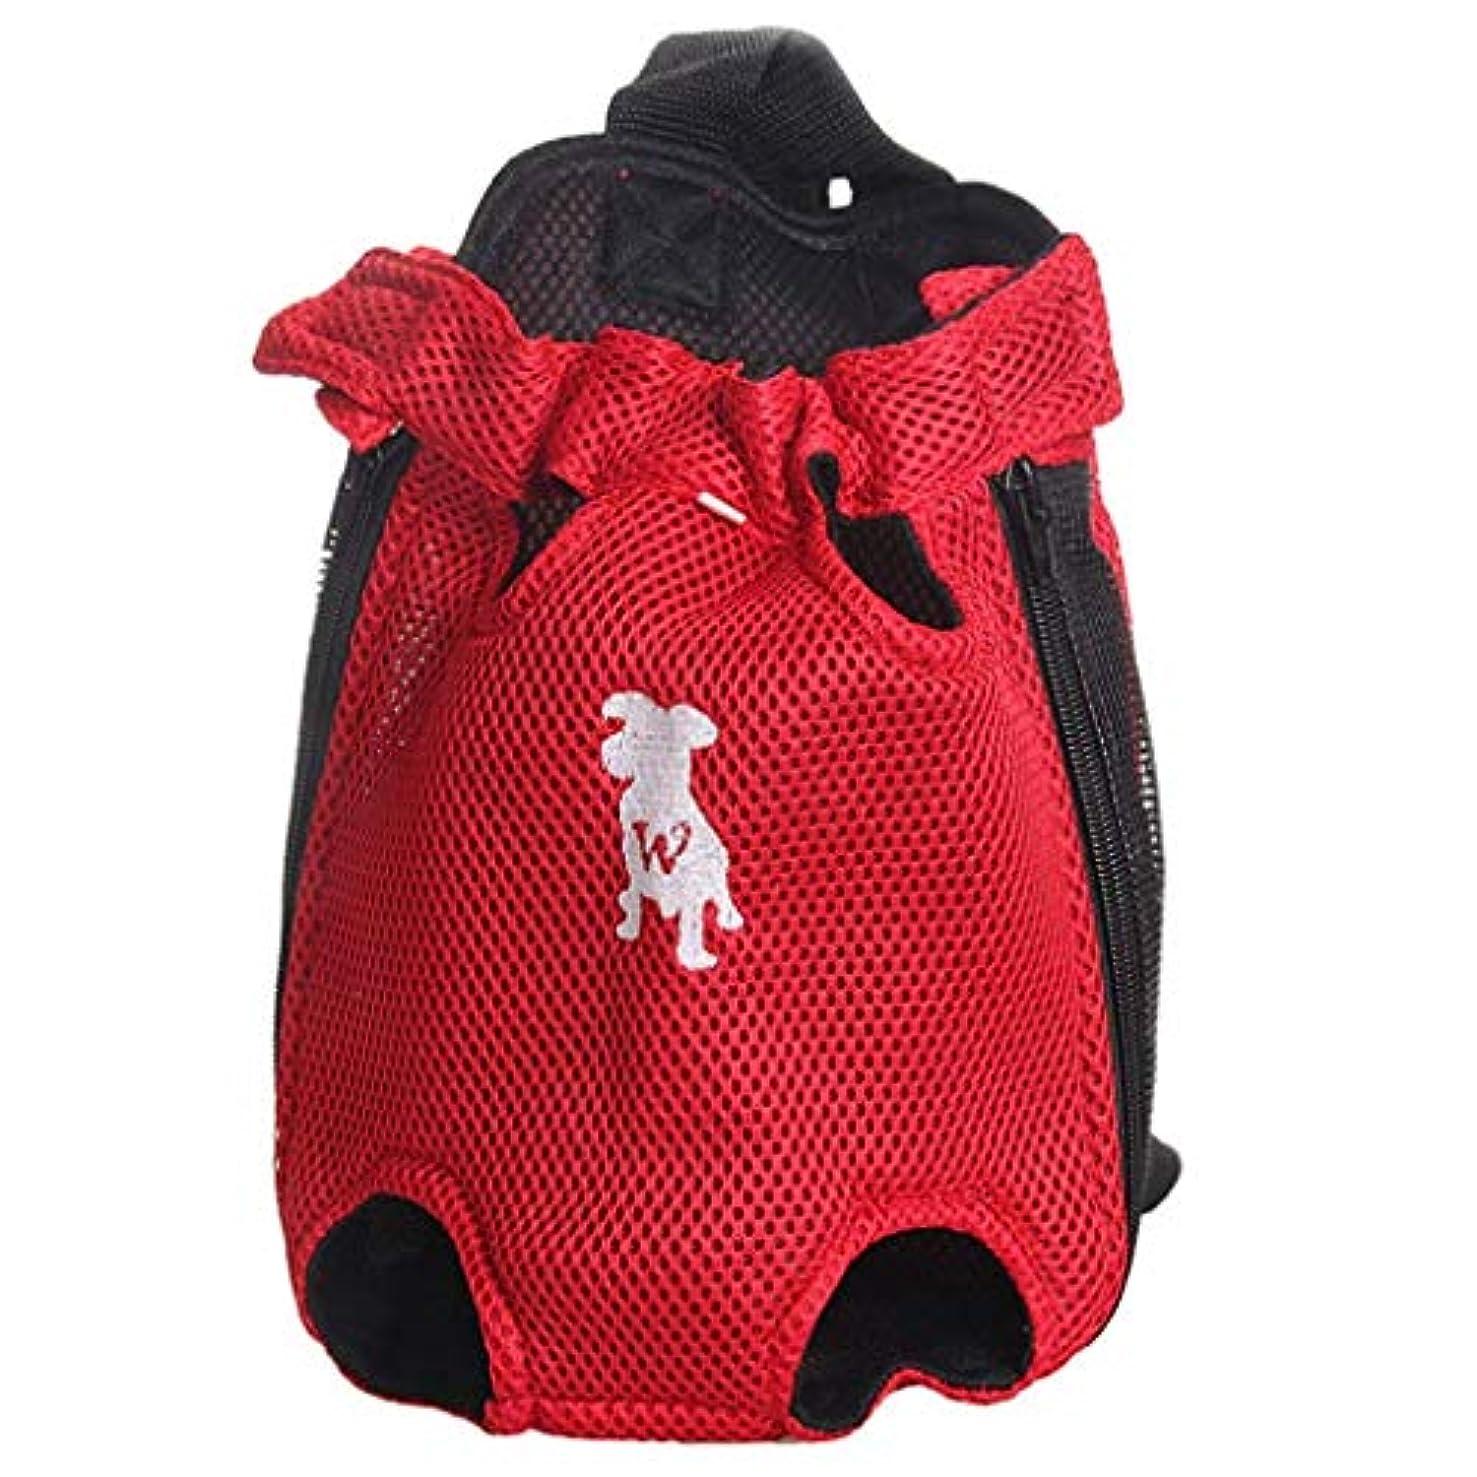 起きている遺跡広範囲に安全な外出子犬のバックパック、旅行パッケージ、チェストバッグ、犬バッグポータブルテディナイロン快適(色:赤、サイズ:L)